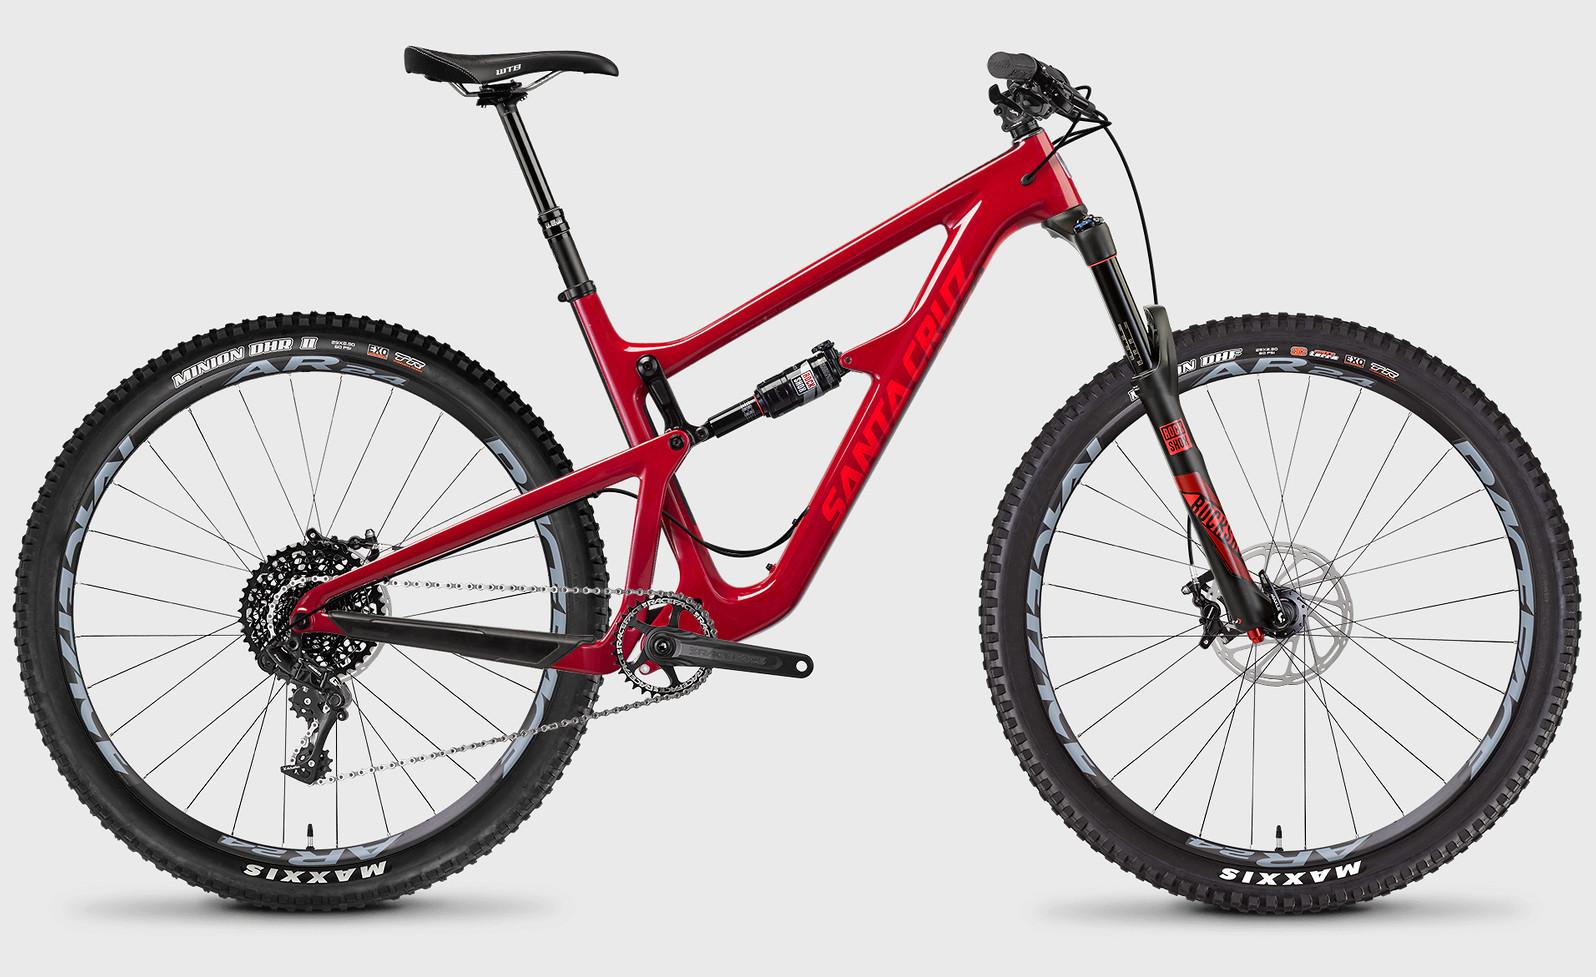 hight resolution of 2017 santa cruz hightower c s bike sriracha red